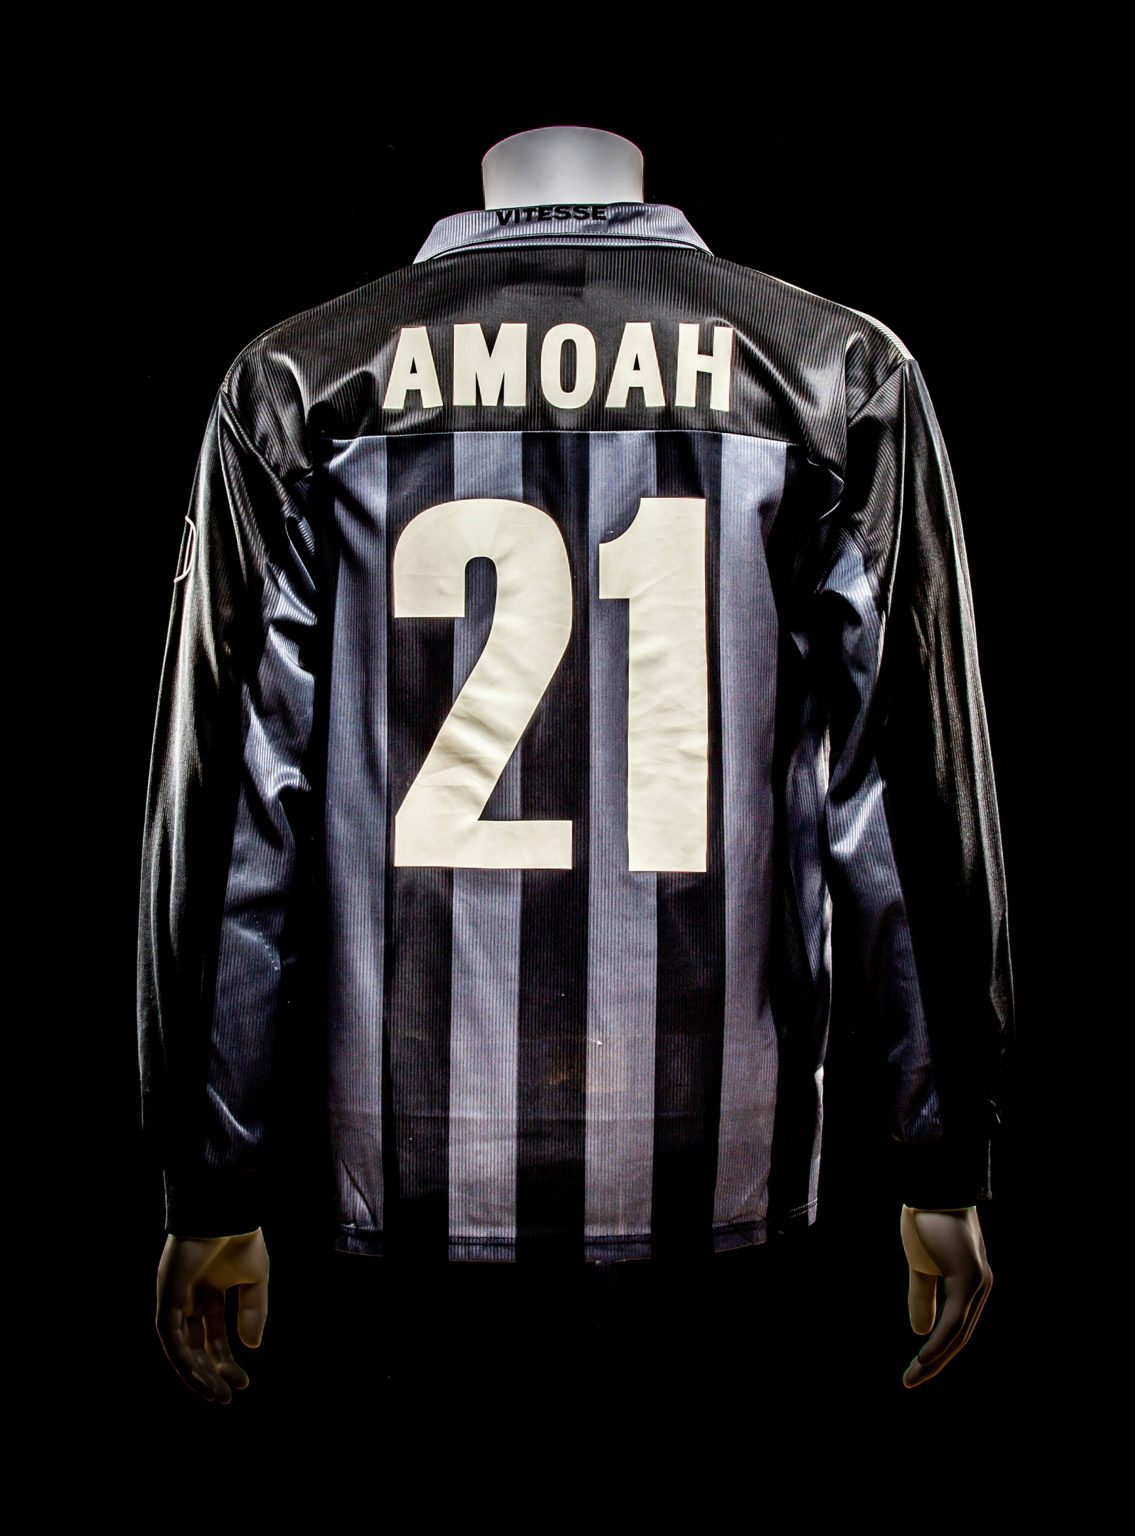 #21 Matthew Amoah 2001-2002